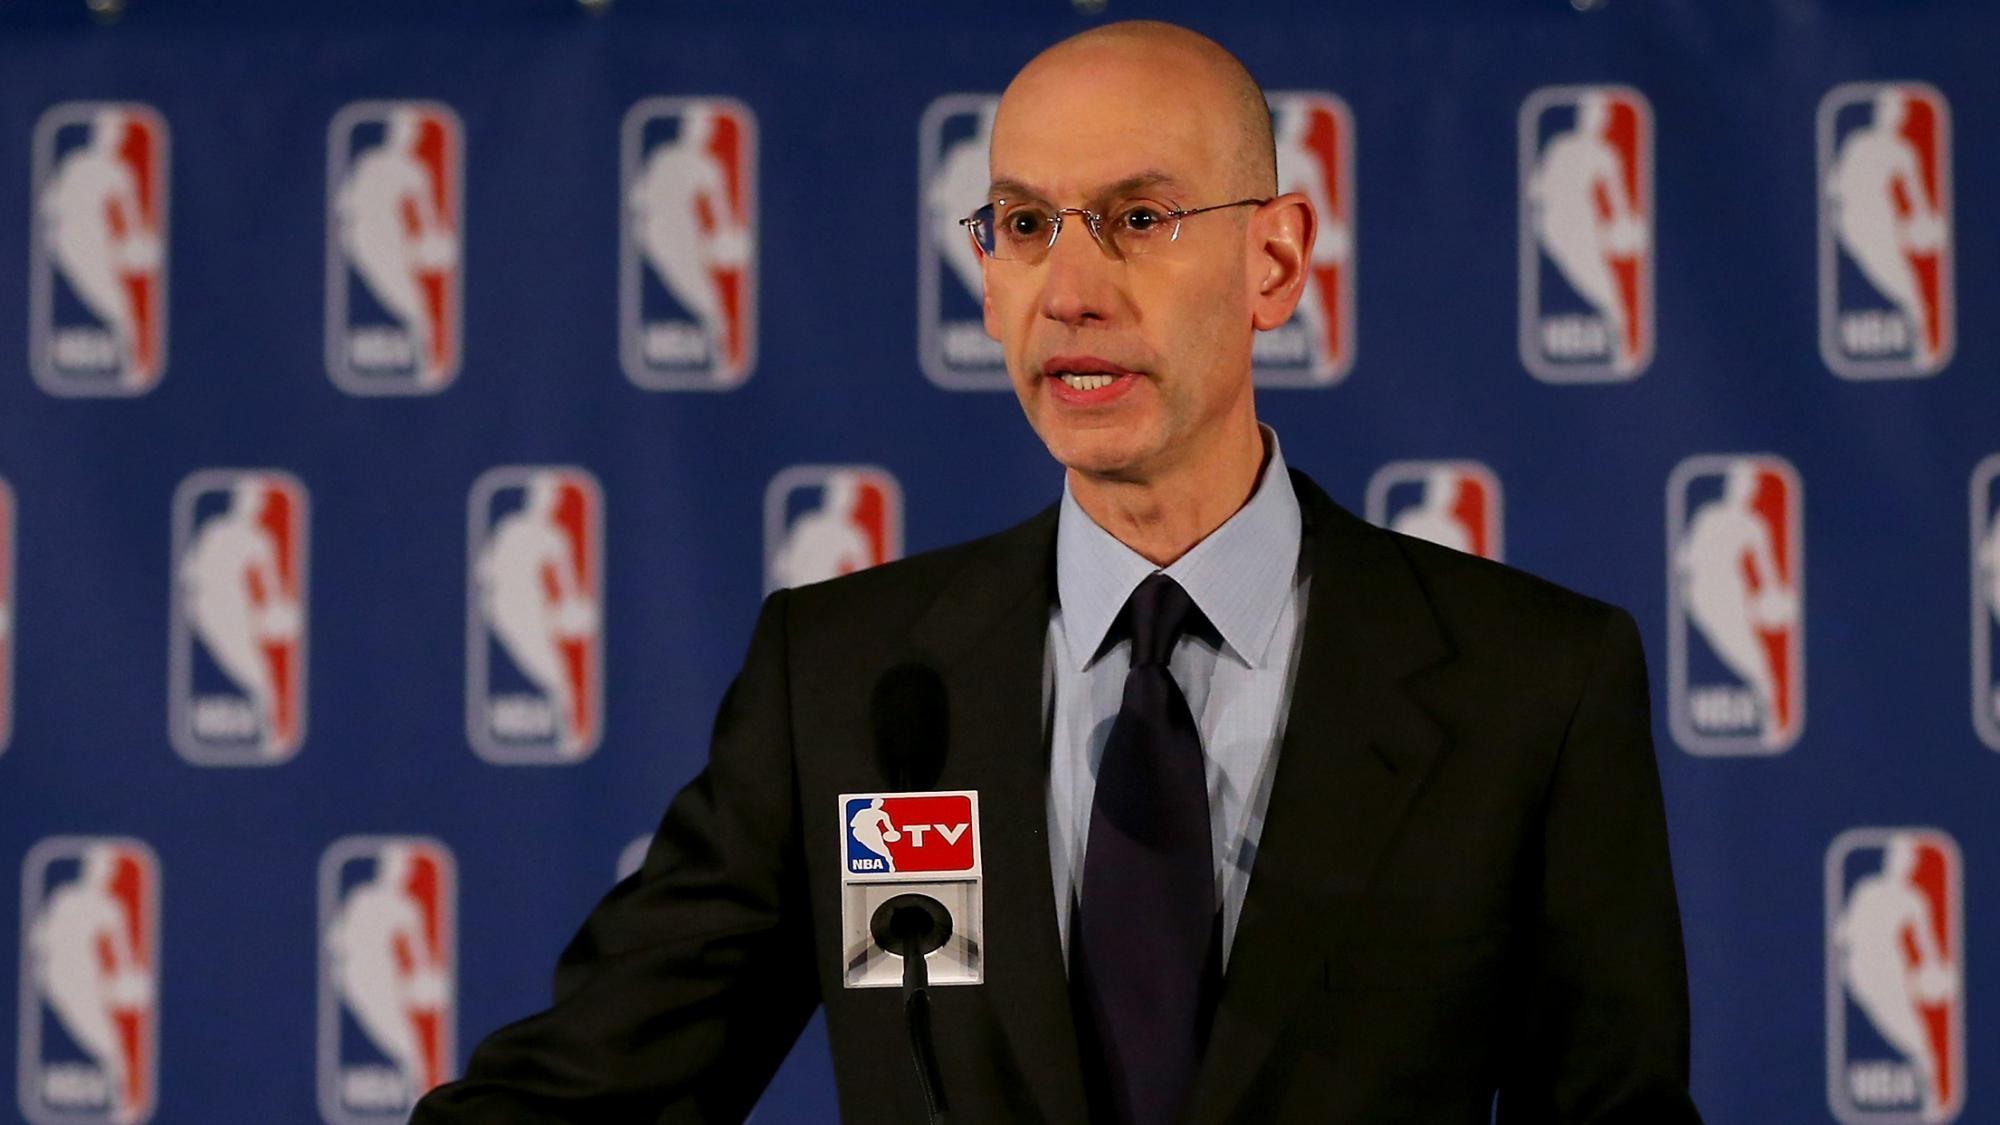 НБА может потерять миллиард долларов, если сезон не будет возобновлен